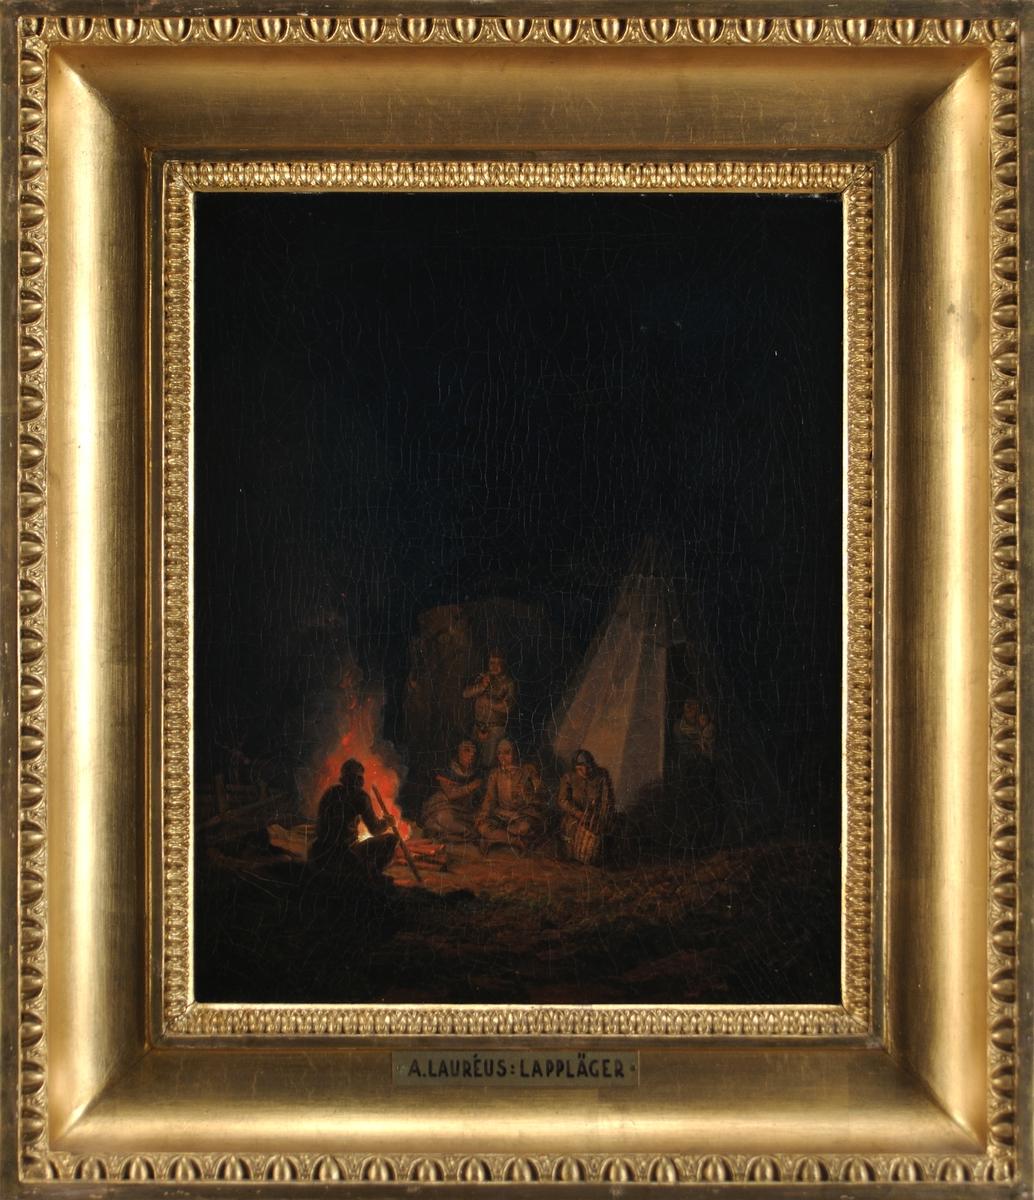 Samisk familj utanför kåta, ett par män röker, en arbetar med en korg. Till vänster flammande eld. Mörk bakgrund. Natt.